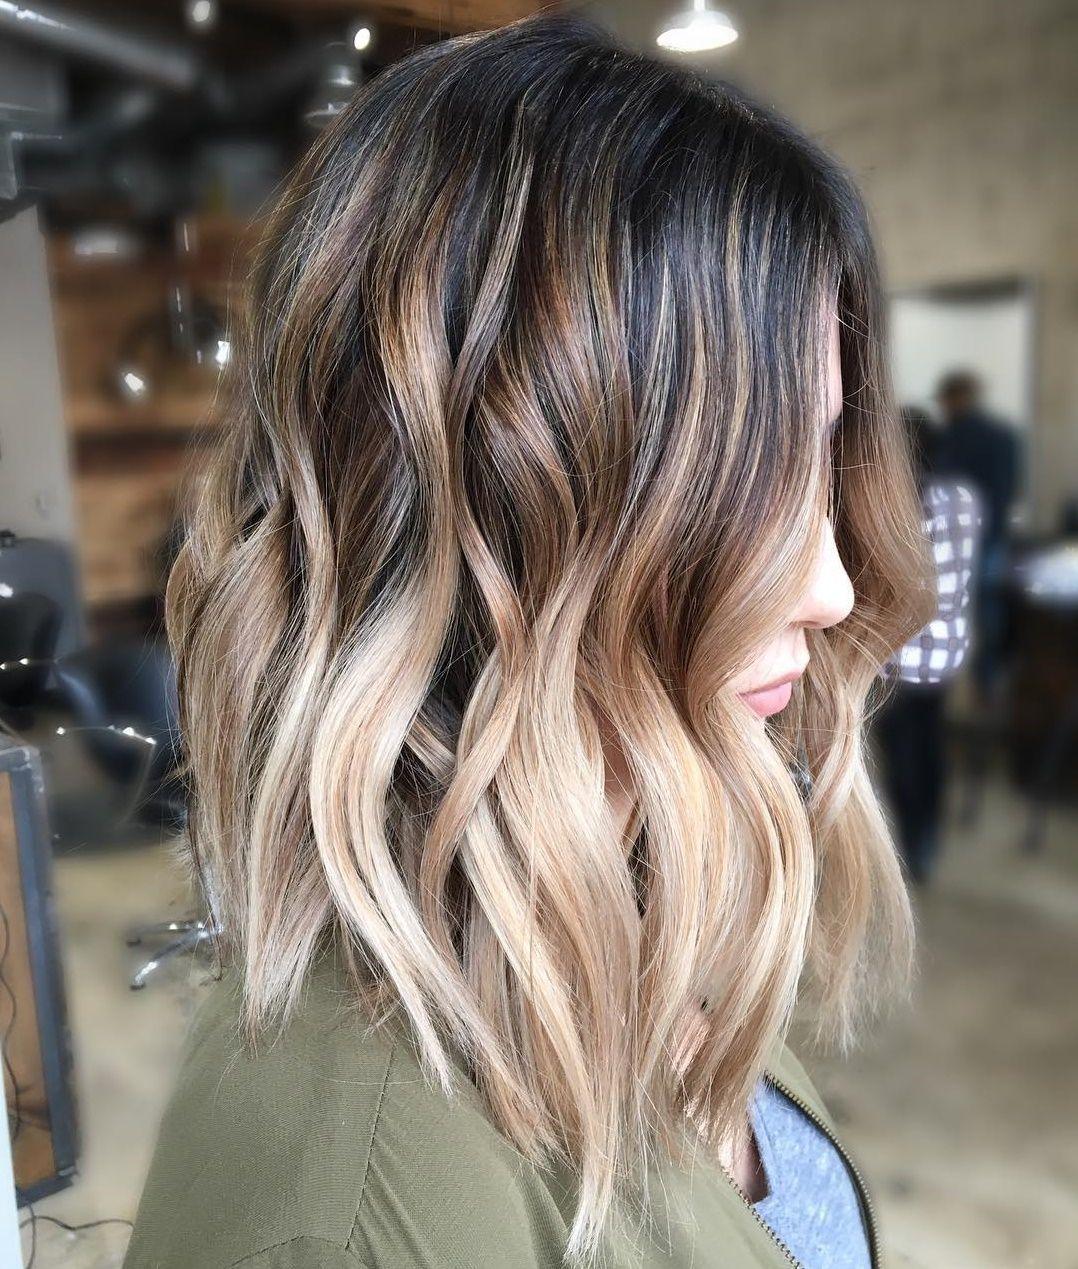 Photo of 20 fabelhaftes braunes Haar mit blonden Highlights sieht aus zu lieben – Neueste frisuren   bob frisuren   frisuren 2018 – neueste frisuren 2018 – haar modelle 2018